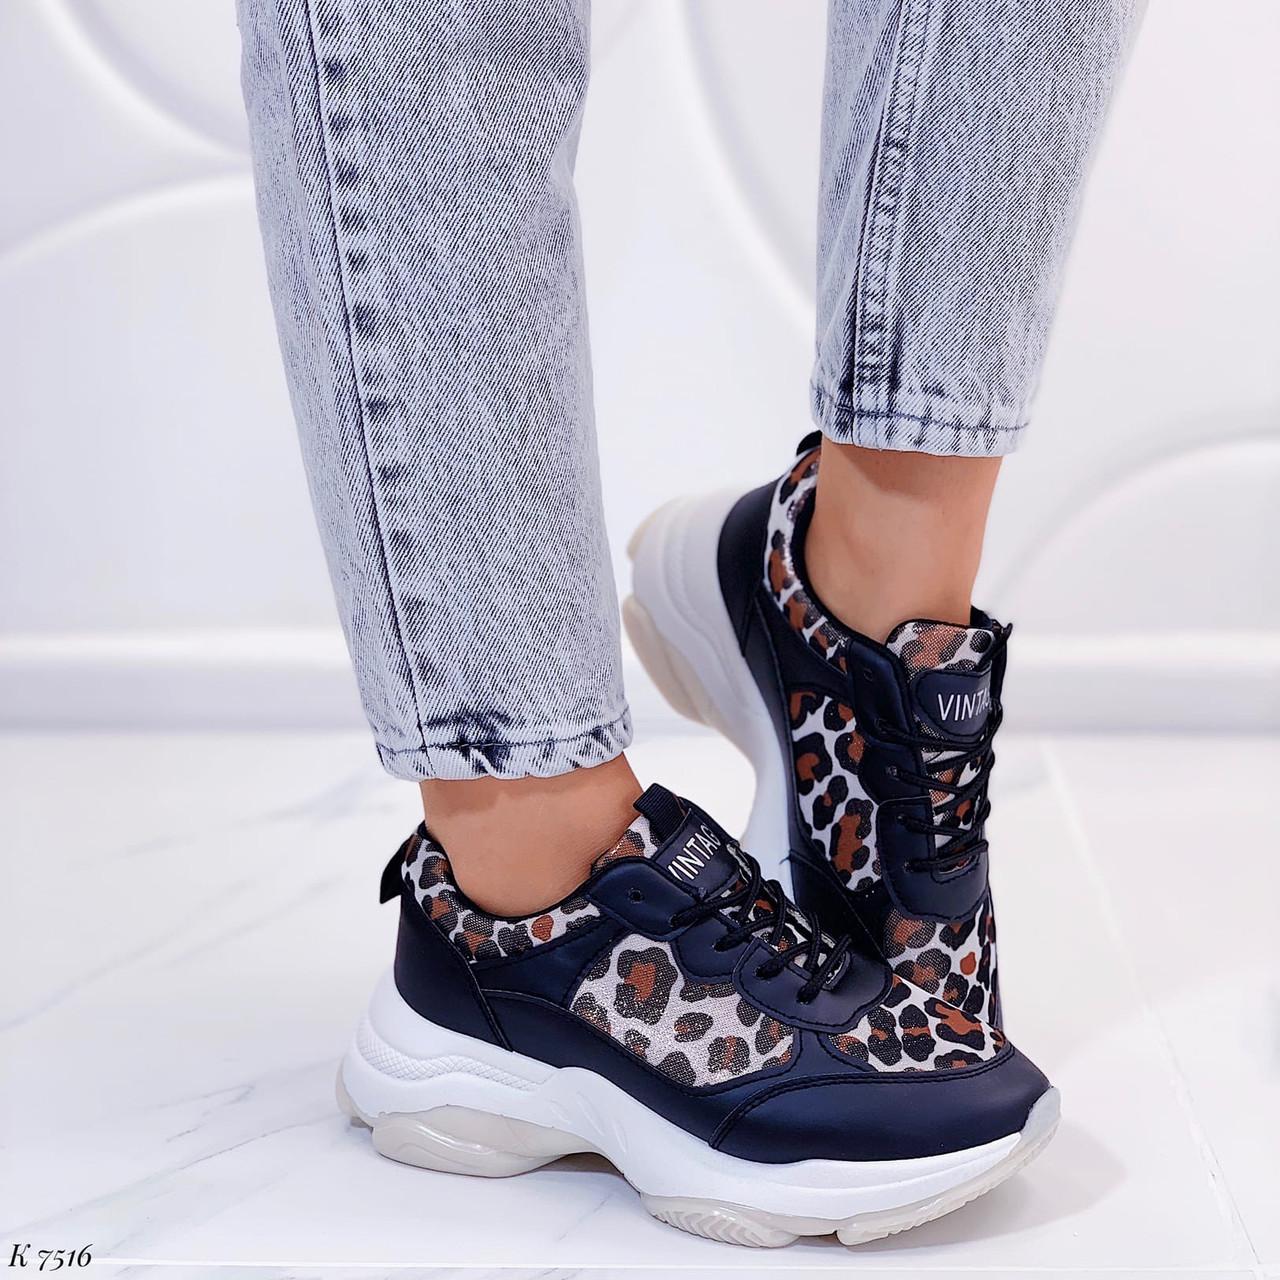 Стильные женские кроссовки черные + лео эко-кожа на подошве 4,5 см